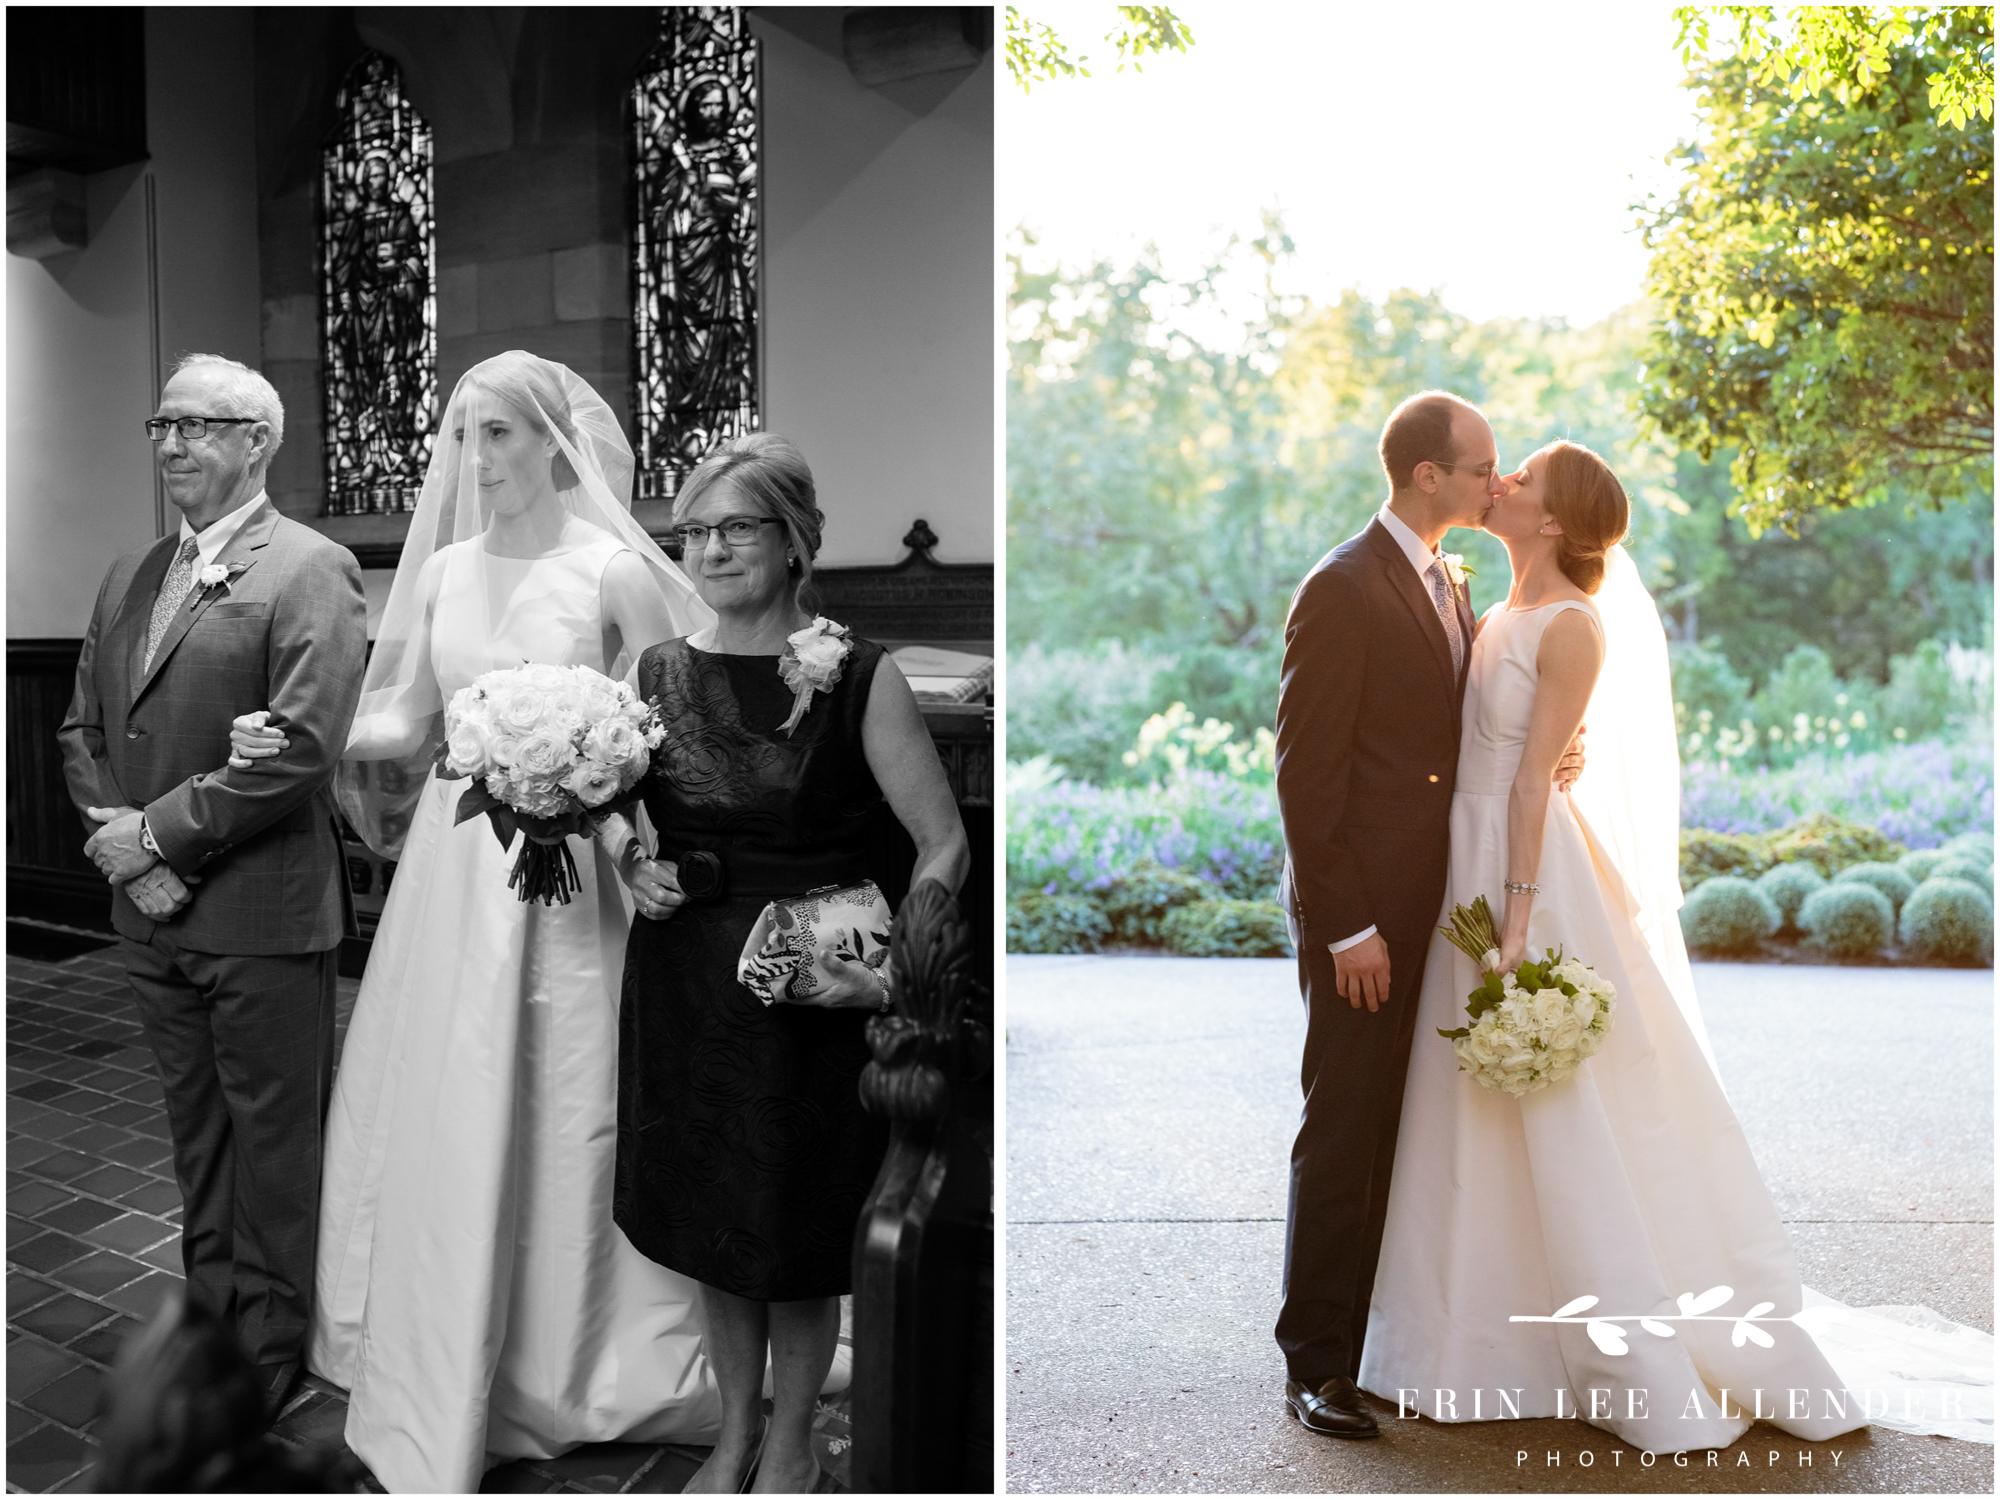 mom-dad-walk-bride-down-aisle